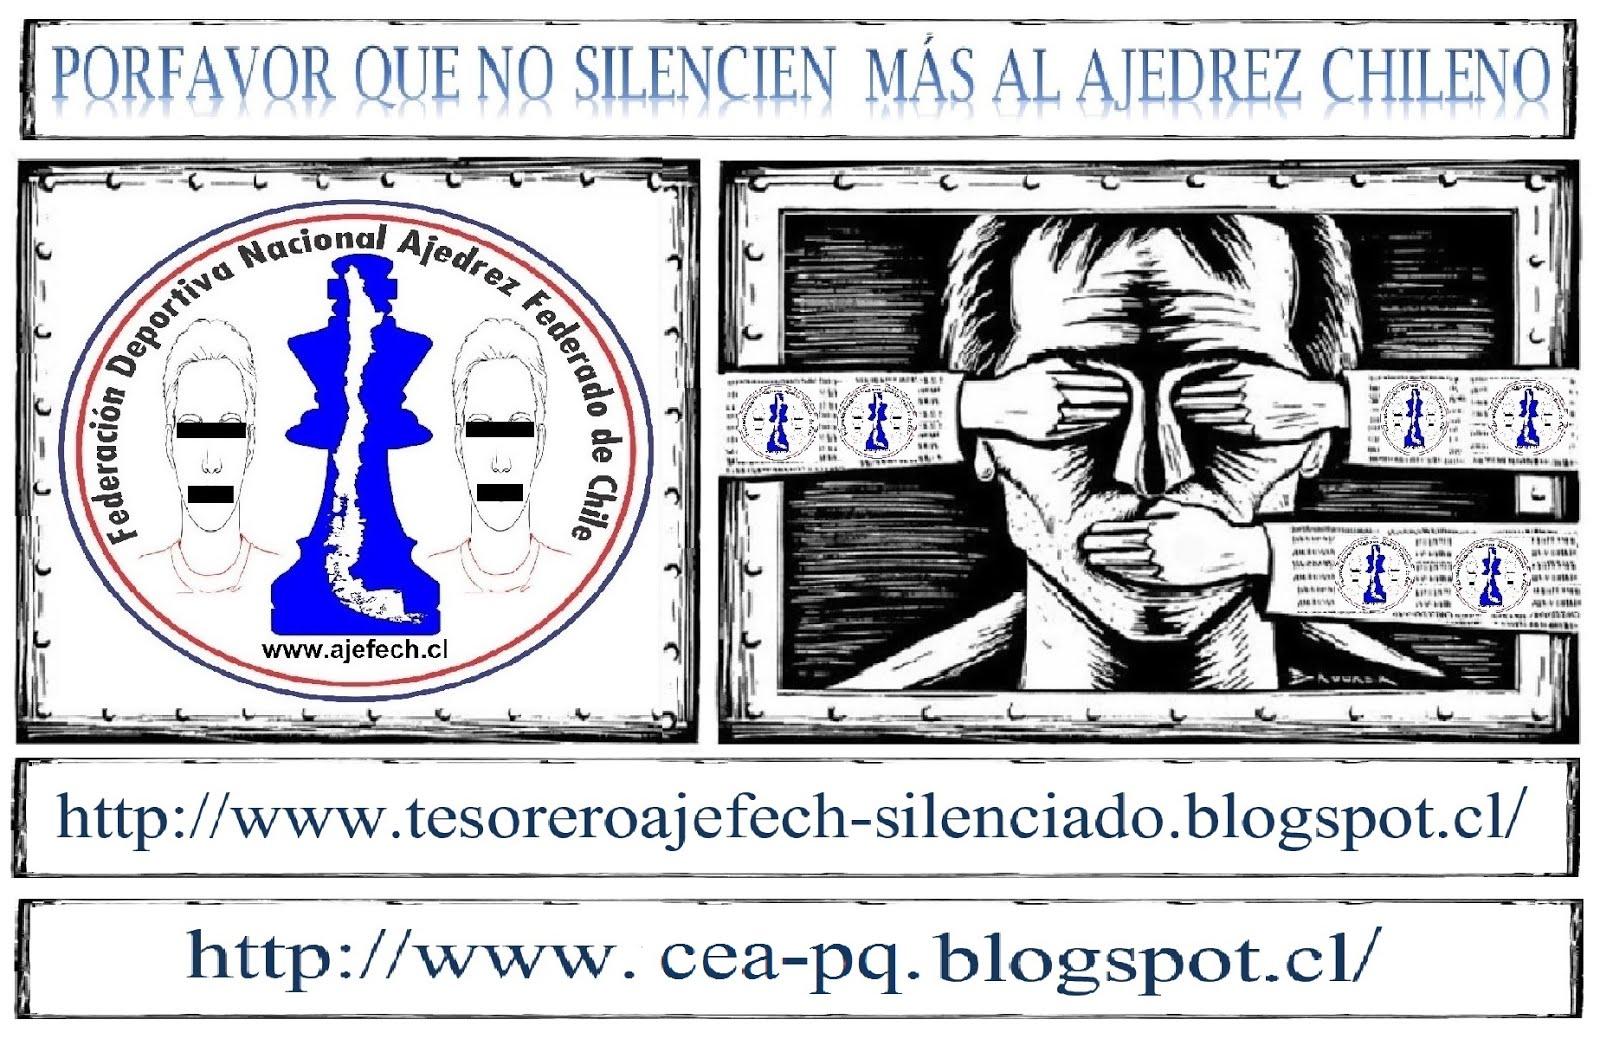 ESTAMOS EN PRESENCIA DE UNA DICTADURA (FEDERACION DE AJEDREZ DE CHILE)